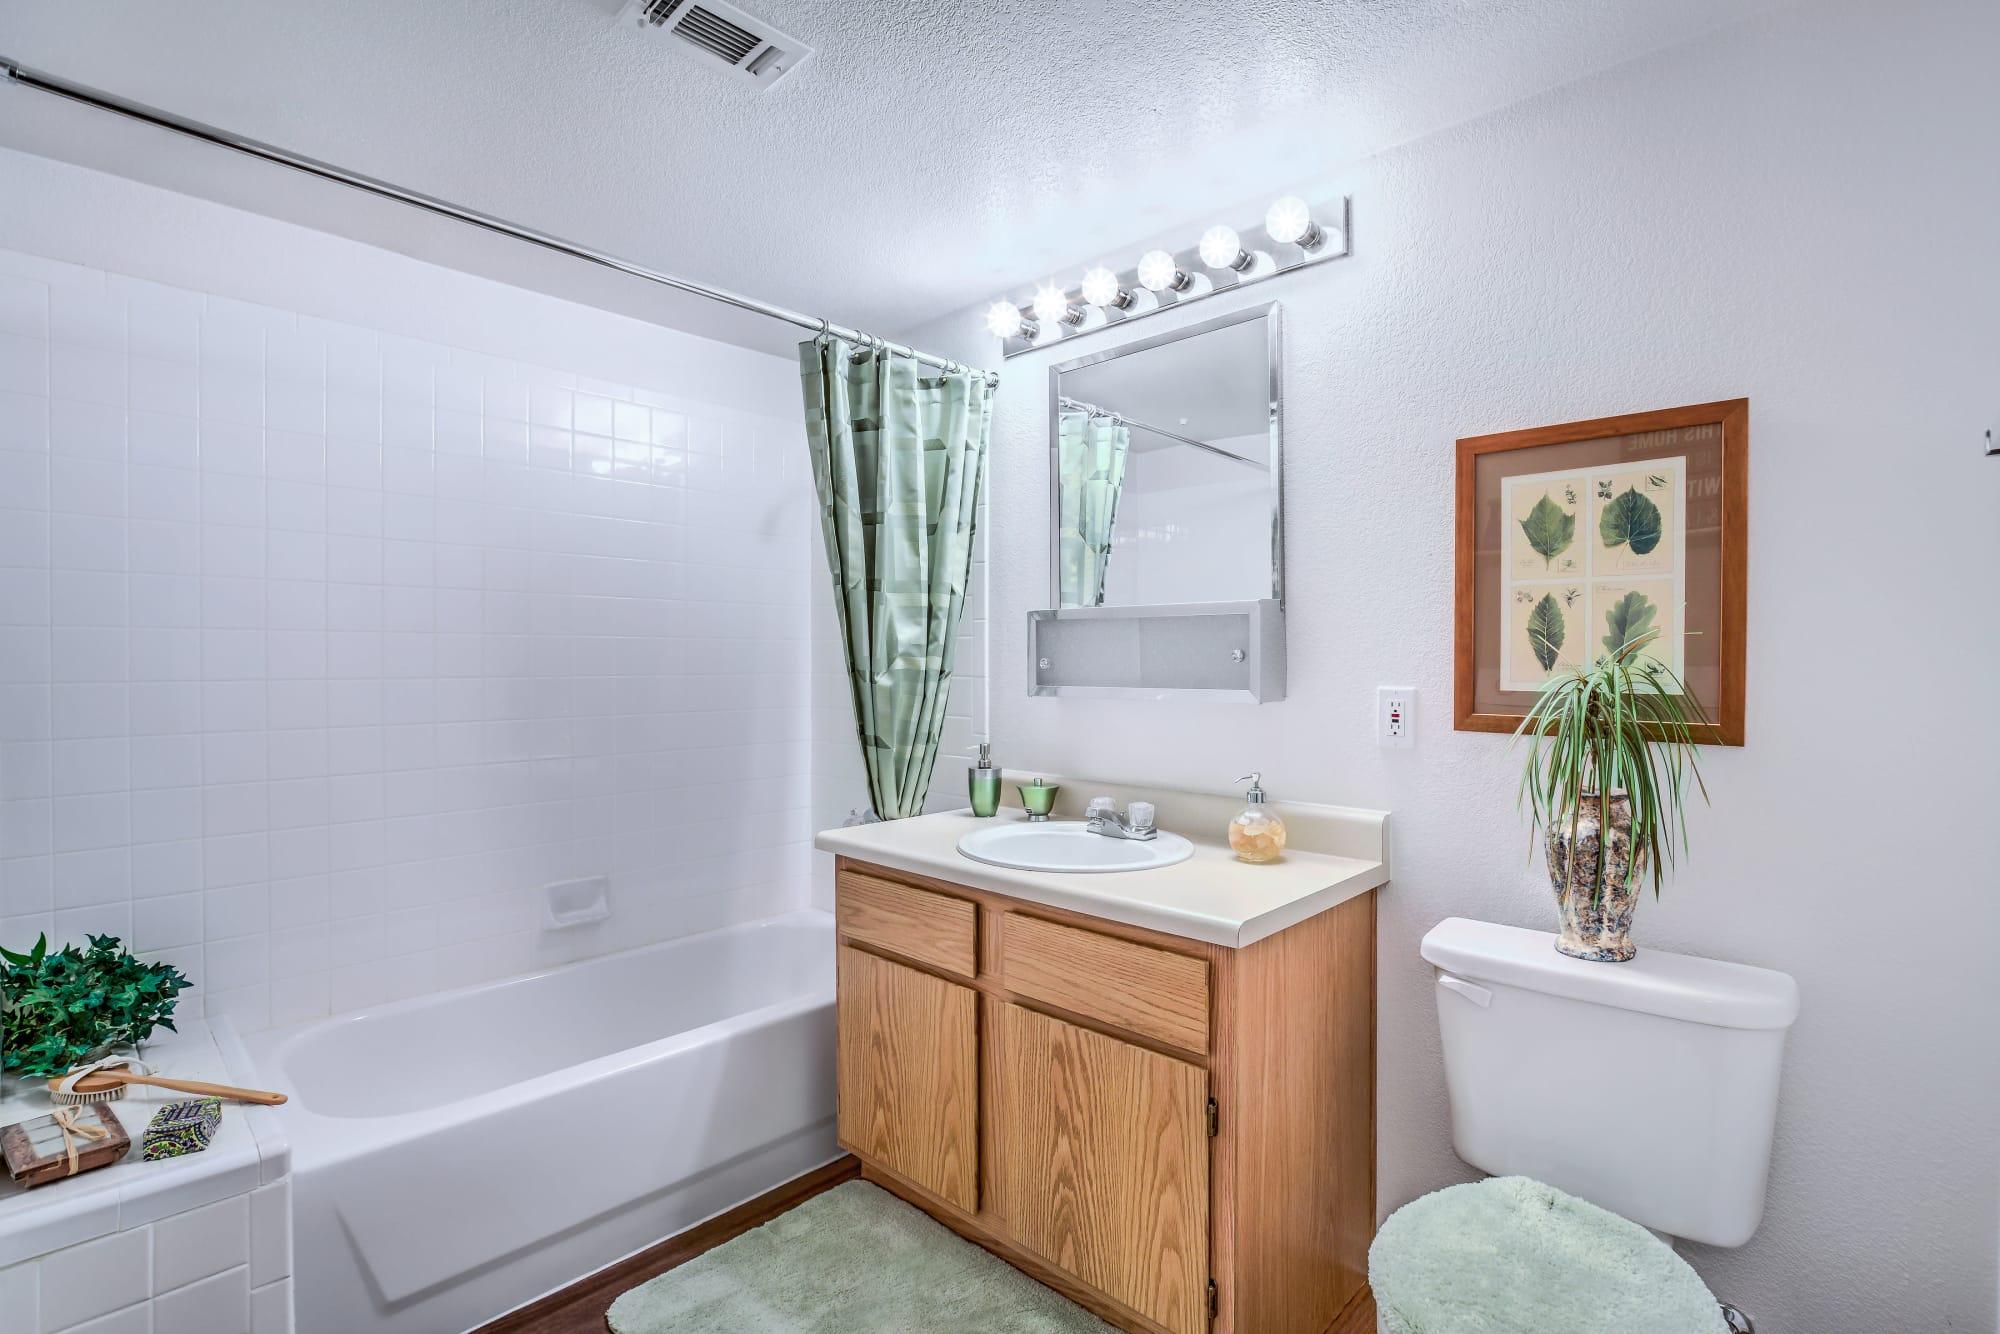 Bathroom at Portola Del Sol